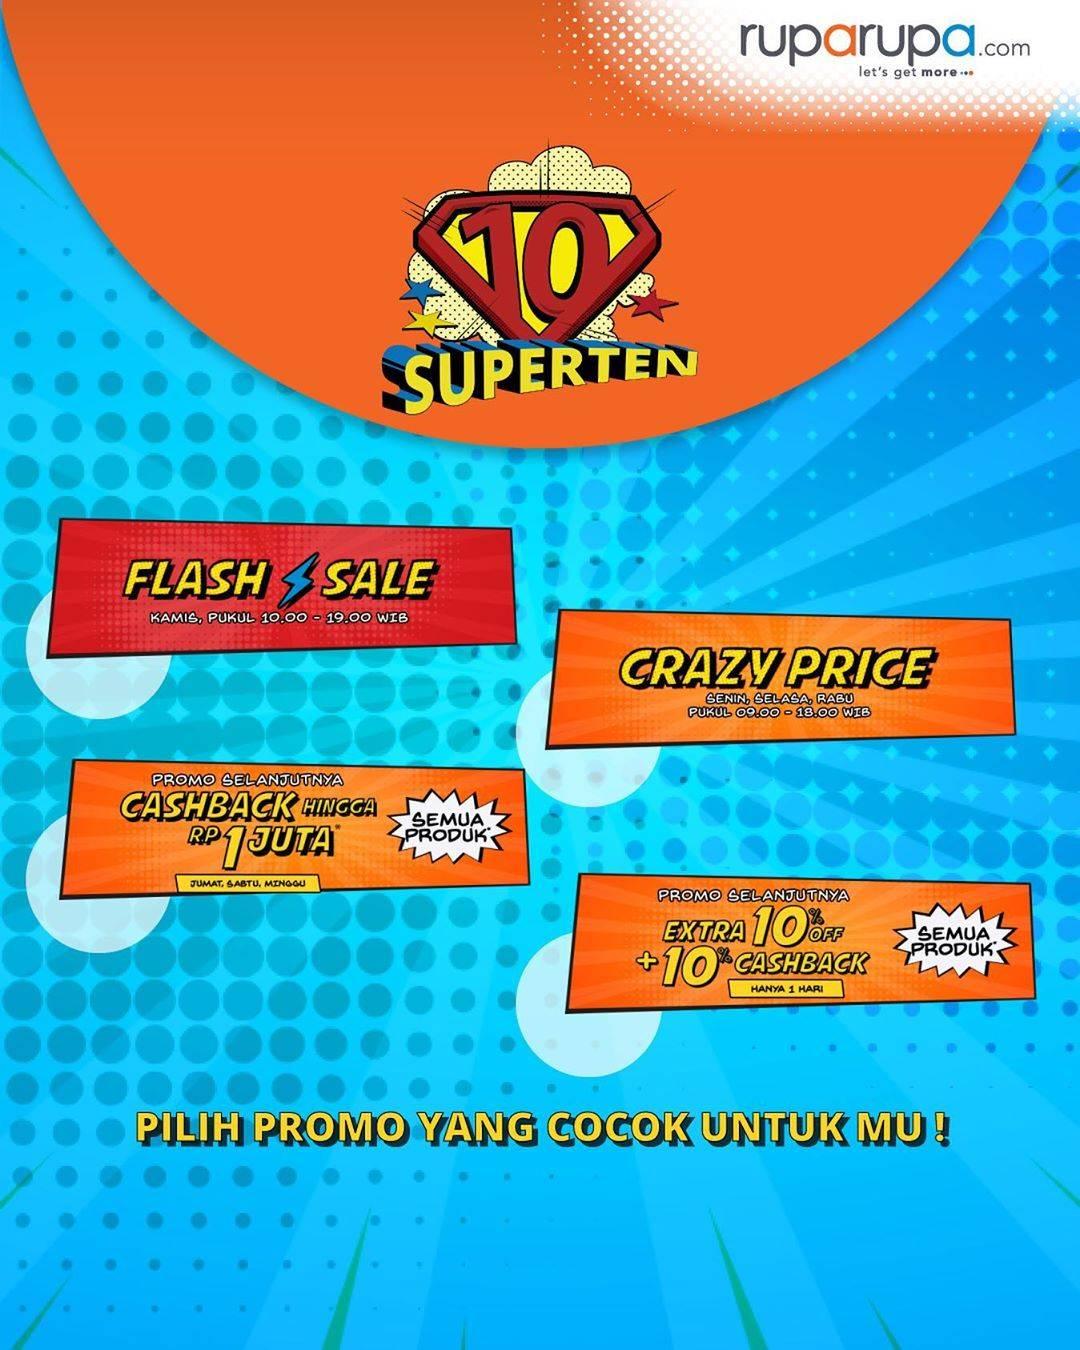 Ruparupa.om Promo 10 Superten! Save Up To 70% + Cashback + Beli 1 Gratis + Tambahan Diskon 100.000!